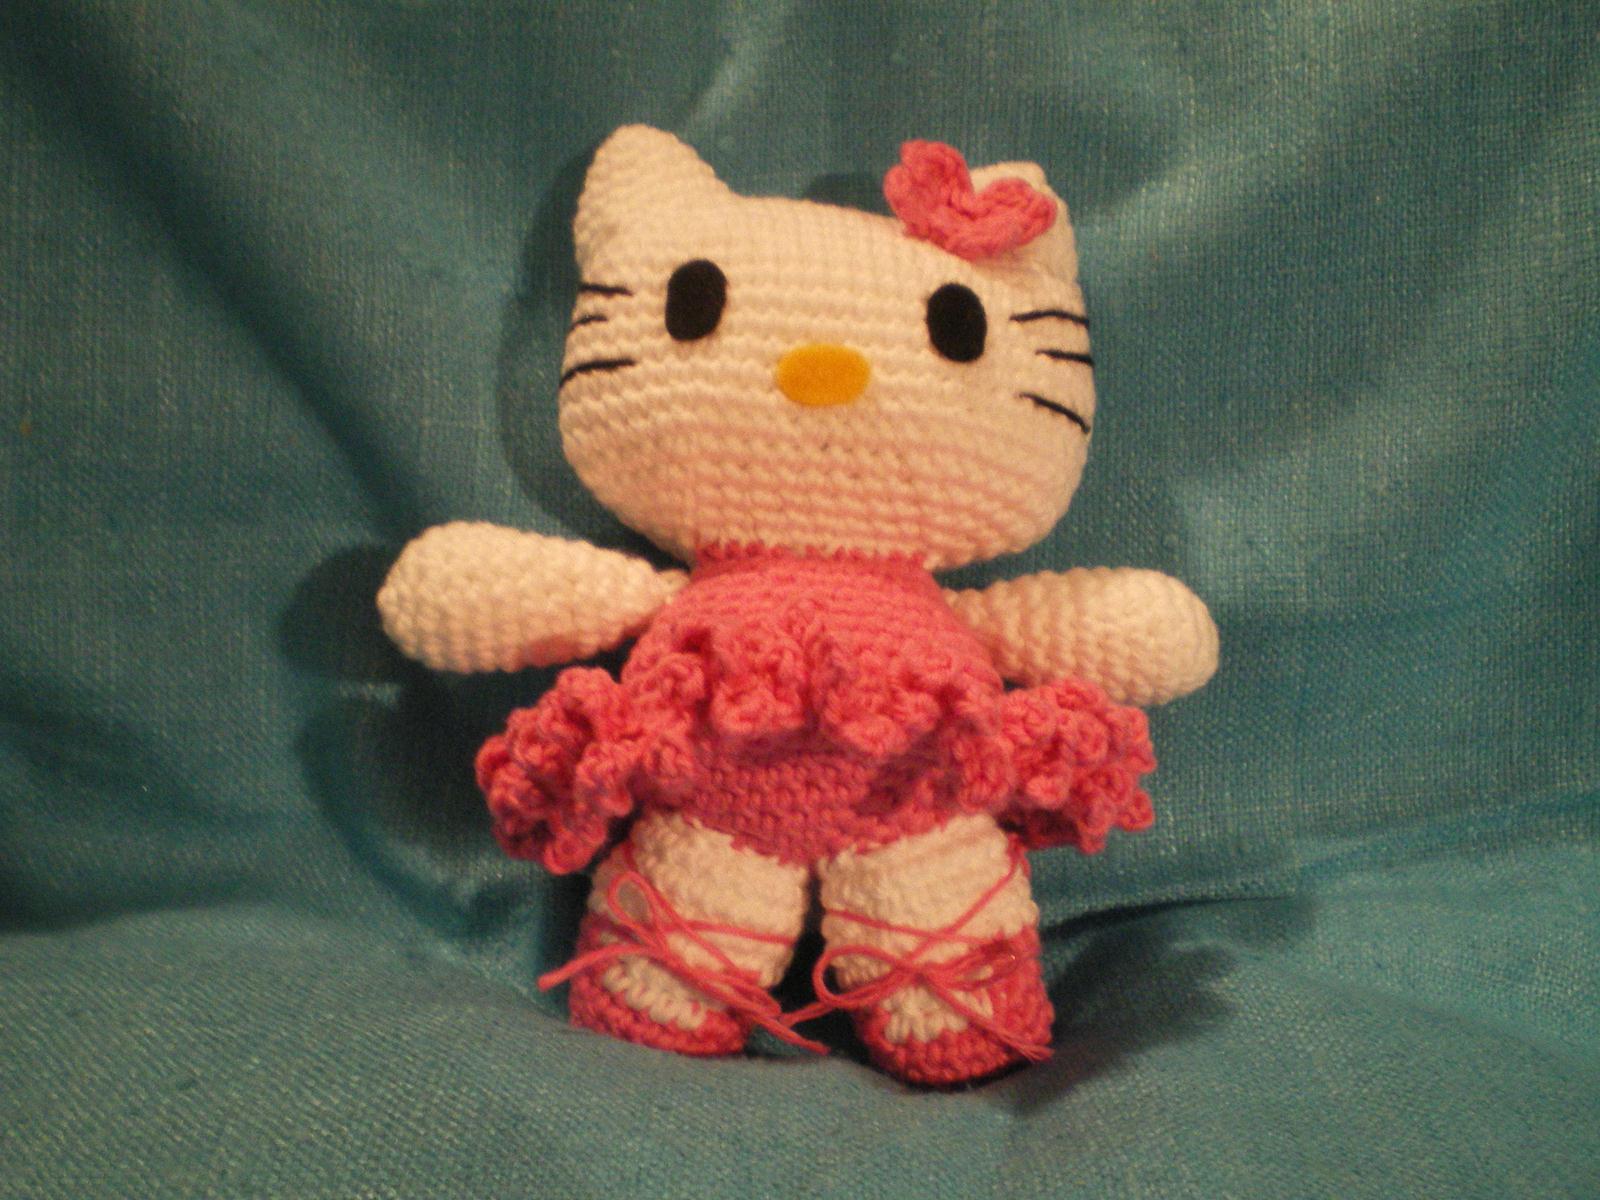 Pin Hello-kitty-mariquita-lanas-y-ovillos on Pinterest